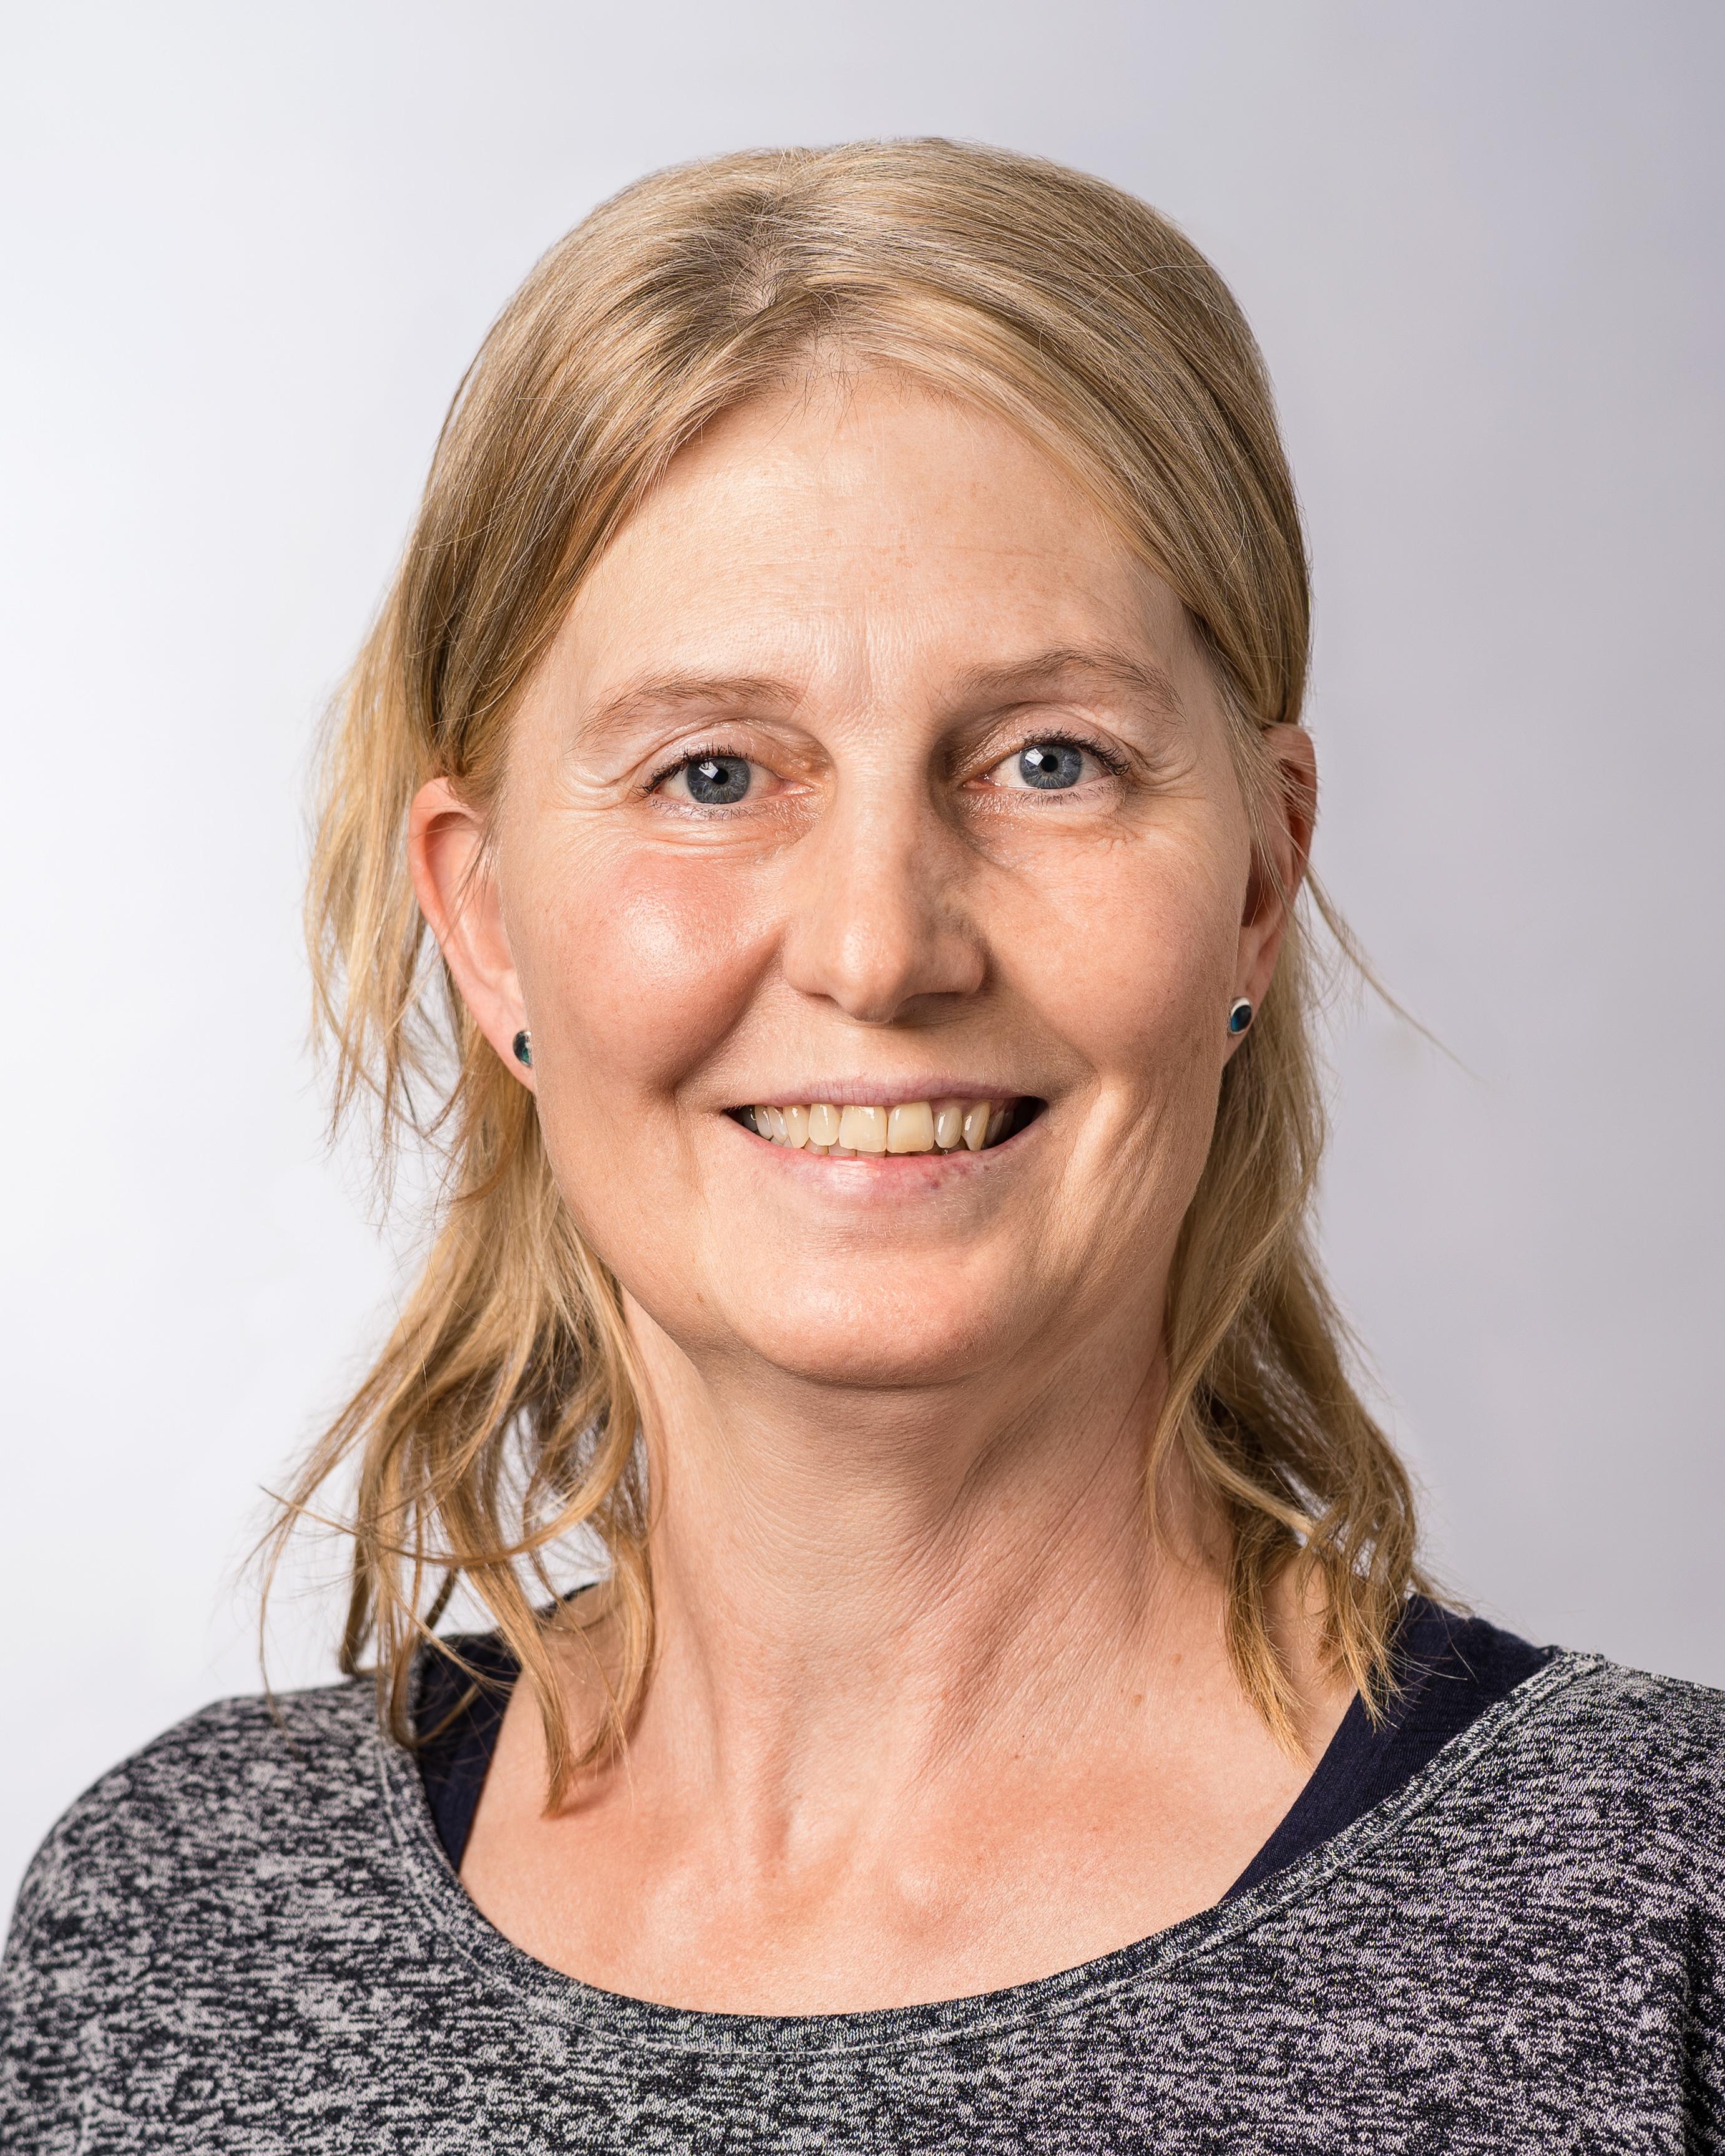 Stephanie Metzger